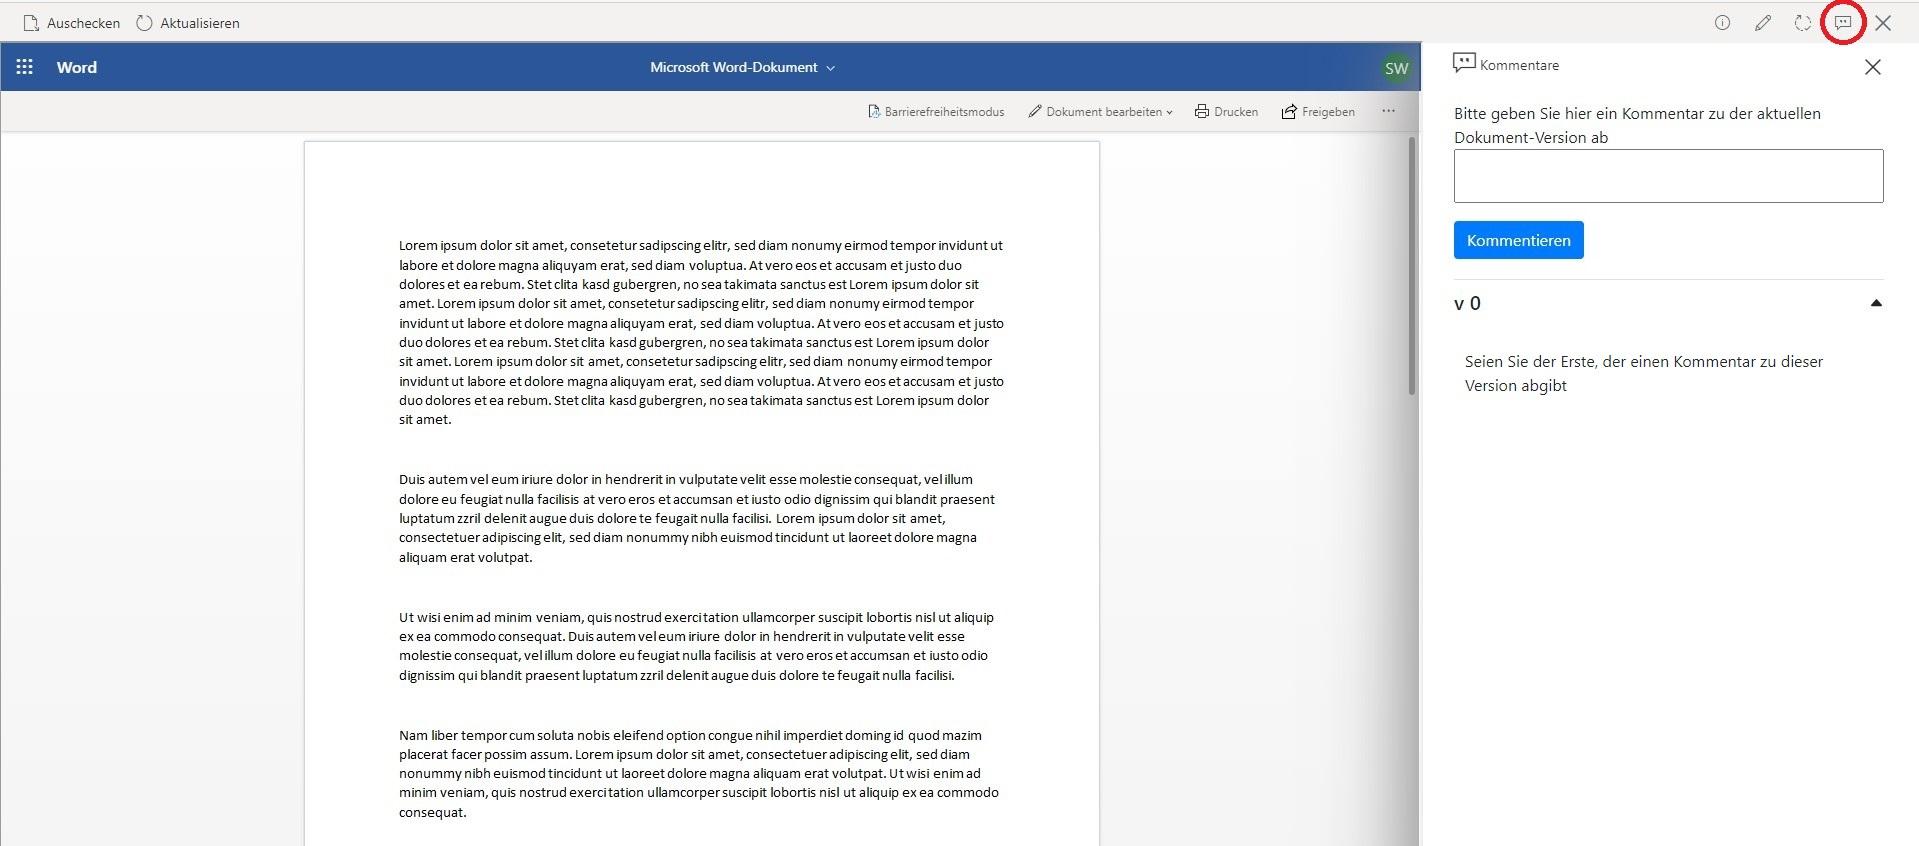 Neuer Feedback Button in Aktionsleiste - Feedbackfunktionaliäet für SharePoint Dokumentenmanagementsystem